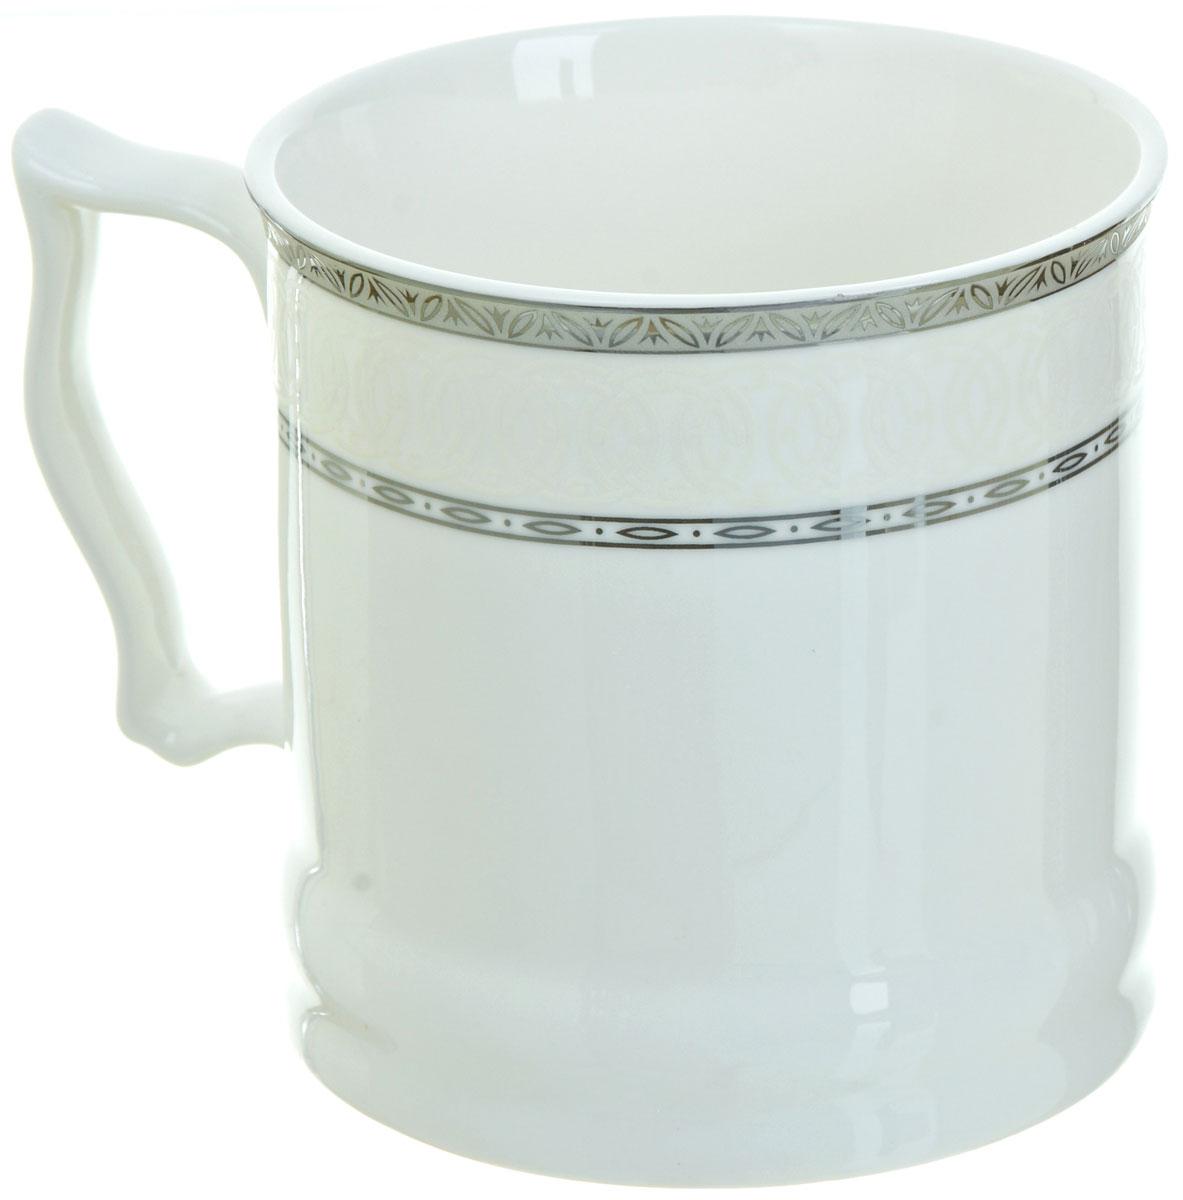 Кружка BHP Королевская кружка, 500 мл. M1870006M1870006Оригинальная кружка Best Home Porcelain, выполненная из высококачественного фарфора, сочетает в себе простой, утонченный дизайн с максимальной функциональностью. Оригинальность оформления придутся по вкусу тем, кто ценит индивидуальность. В комплект входит кружка. Можно использовать в ПММ.